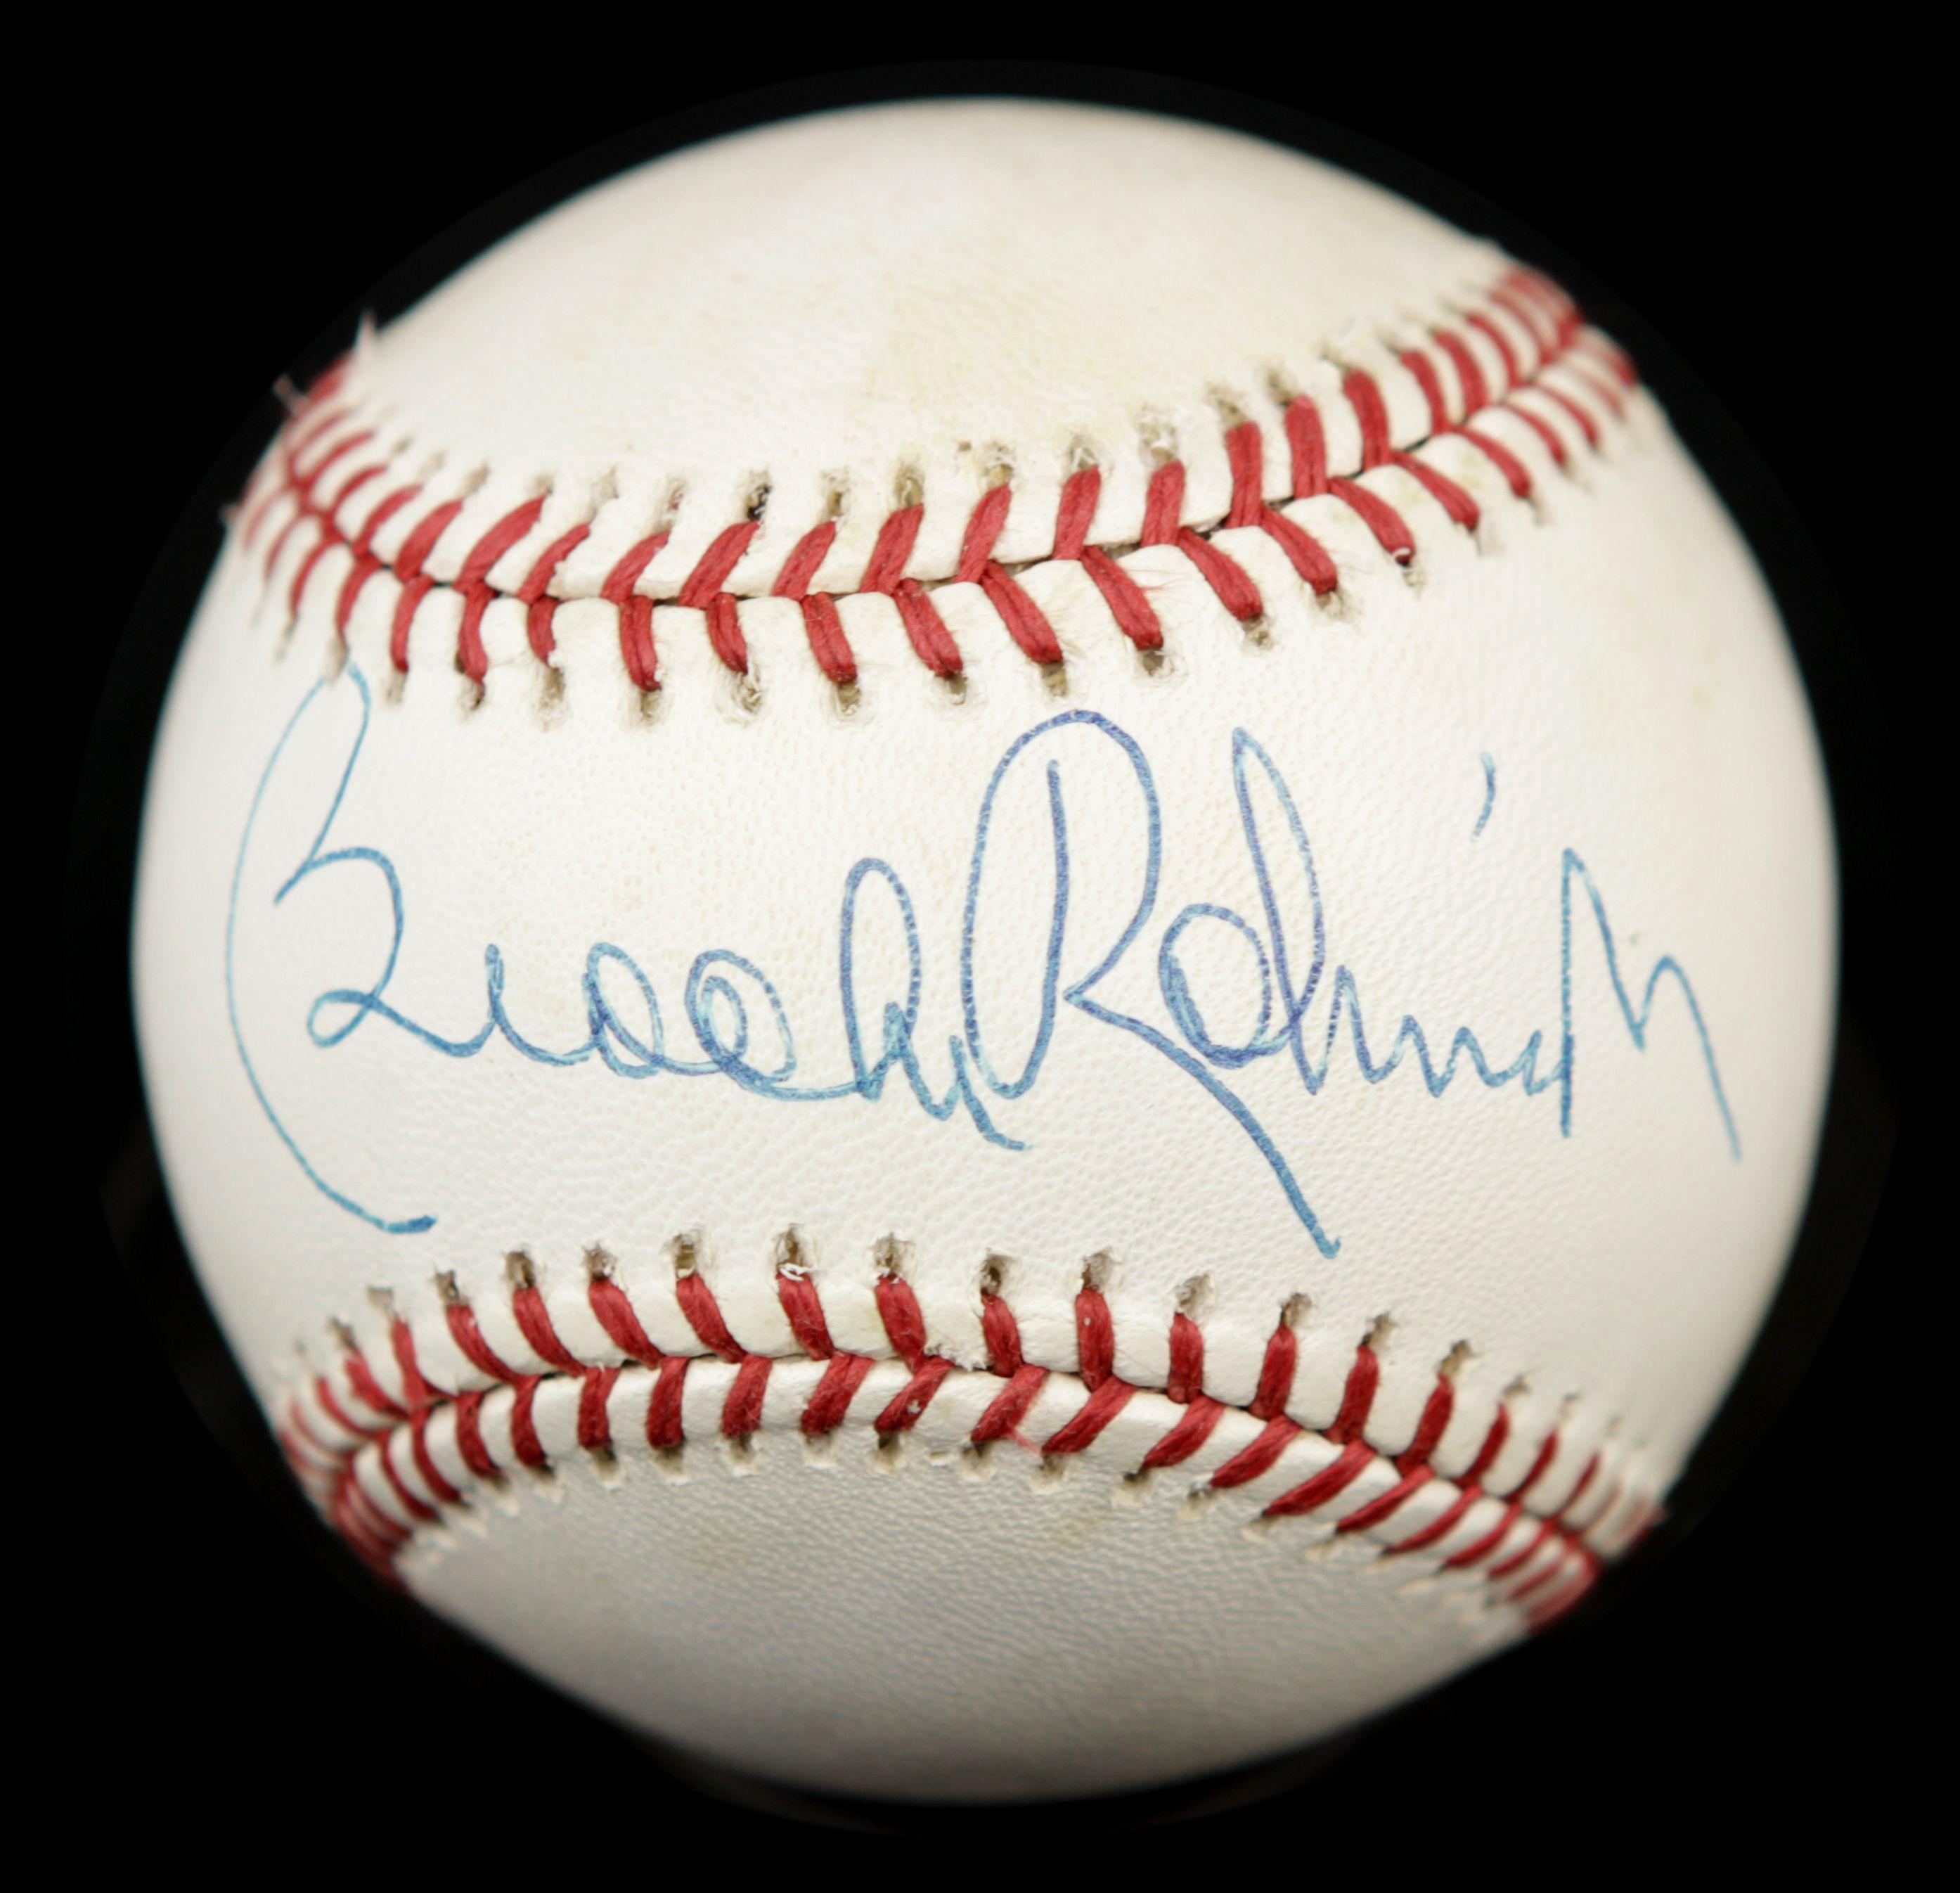 lot detail 1980s hall of fame single signed baseball. Black Bedroom Furniture Sets. Home Design Ideas